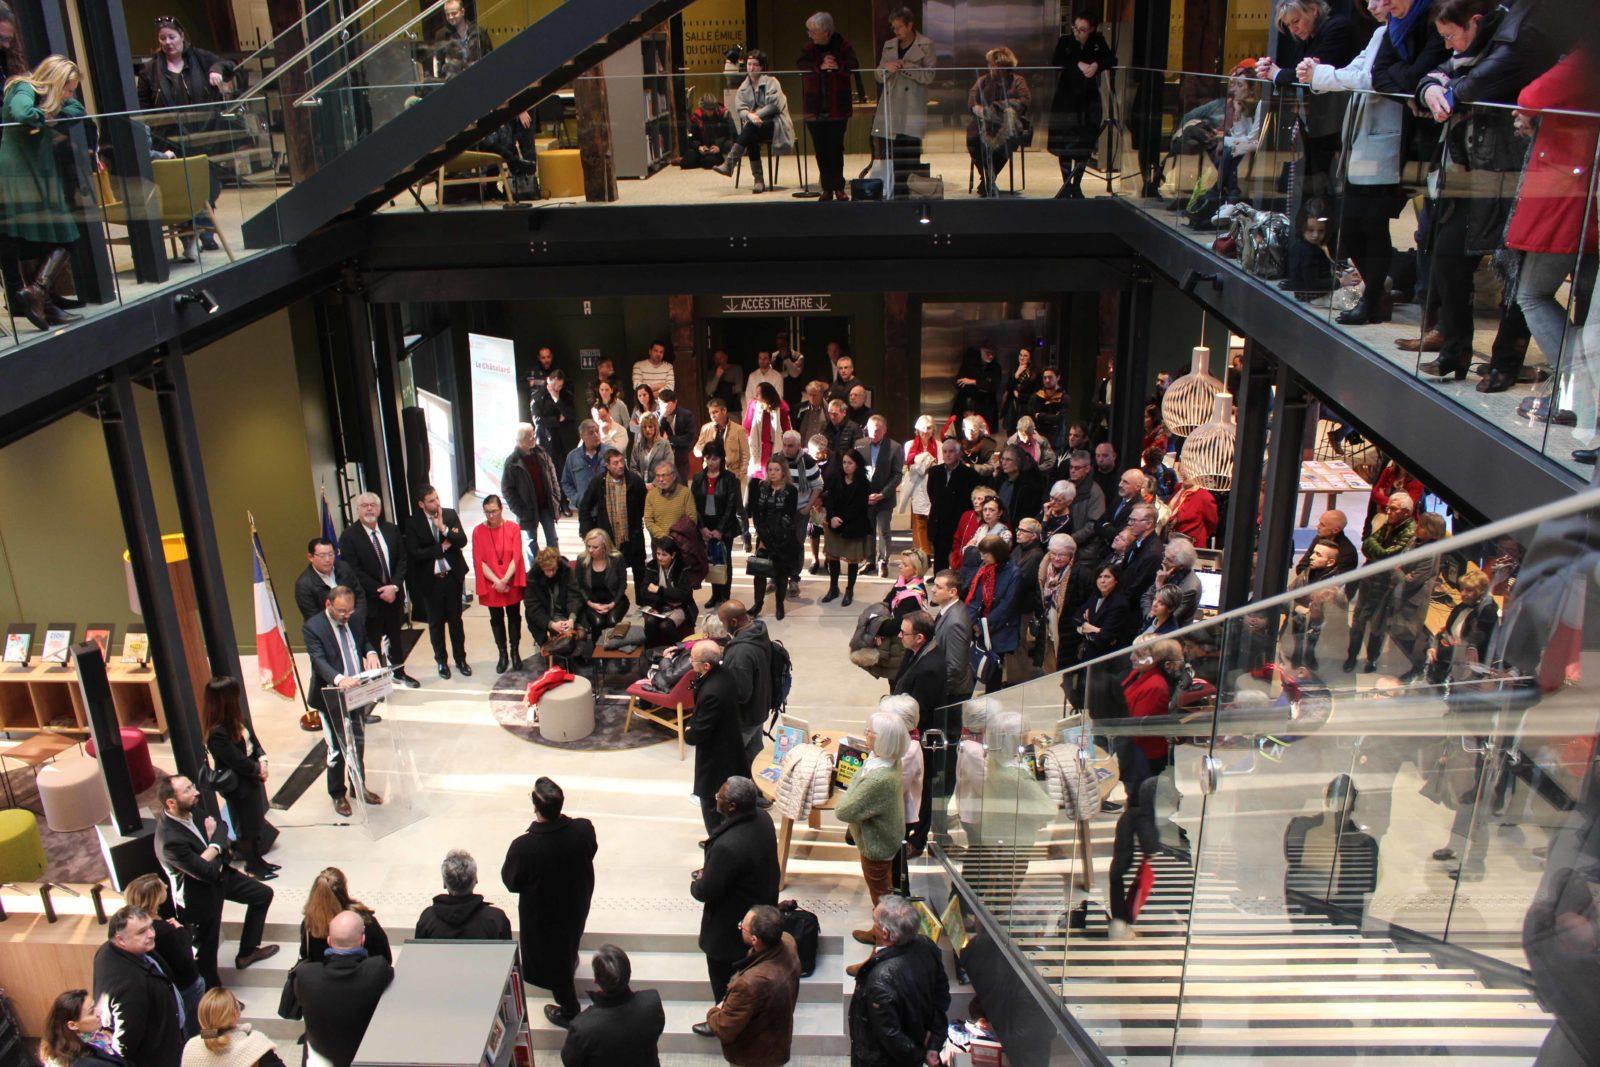 médiathèque de Ferney-Voltaire inauguration